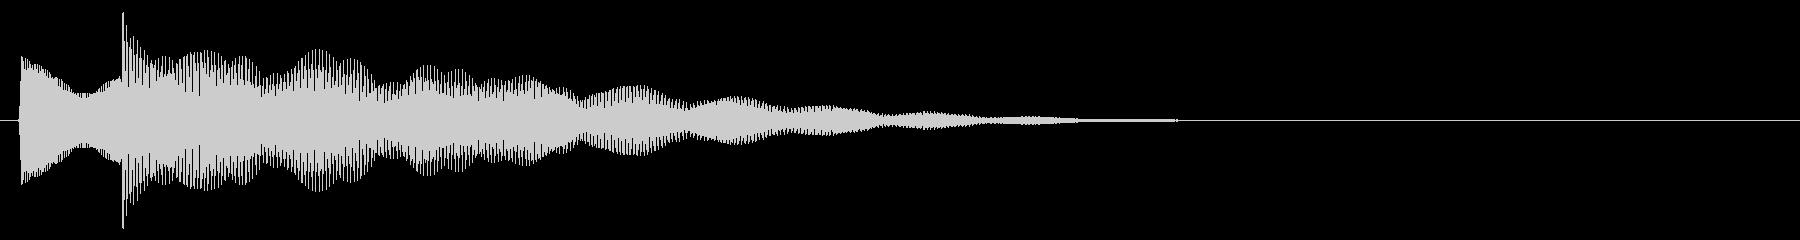 マレット系 決定音04(小)の未再生の波形